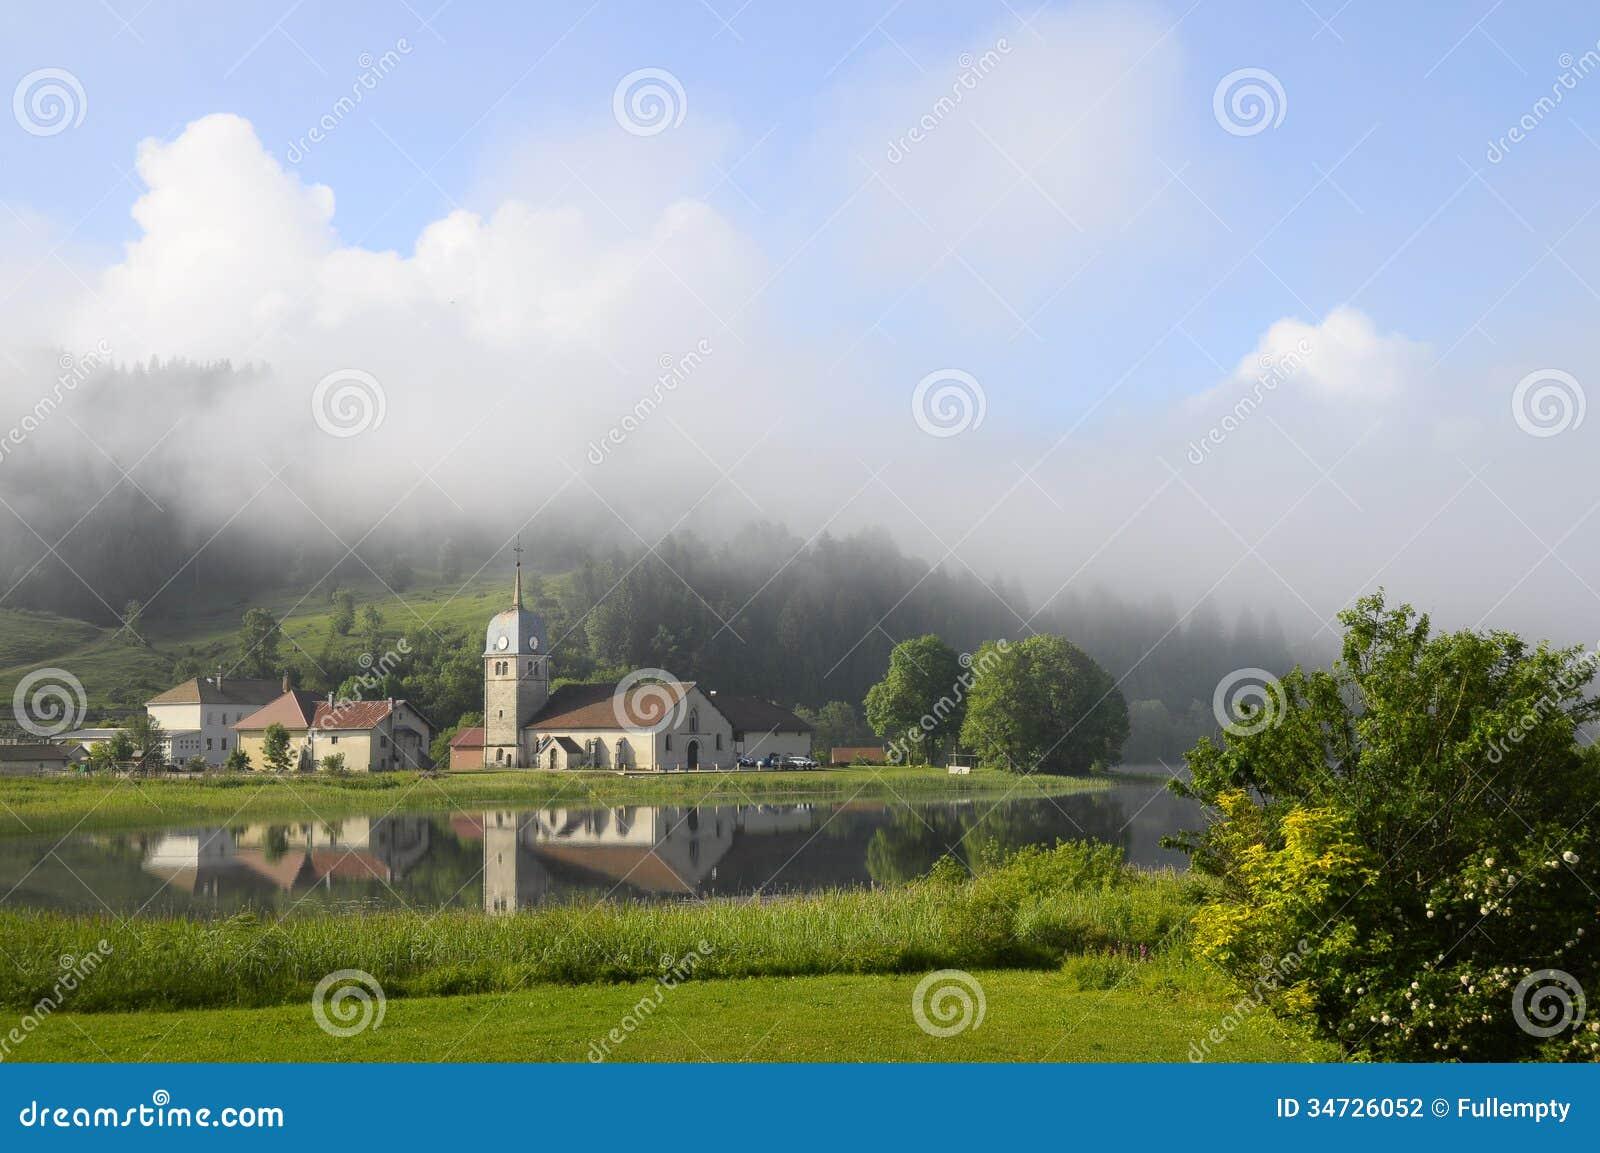 Harligt Naturligt Landskap Av Abbey Lake I Jura Frankrike Arkivfoto Bild Av Naturligt Landskap 34726052